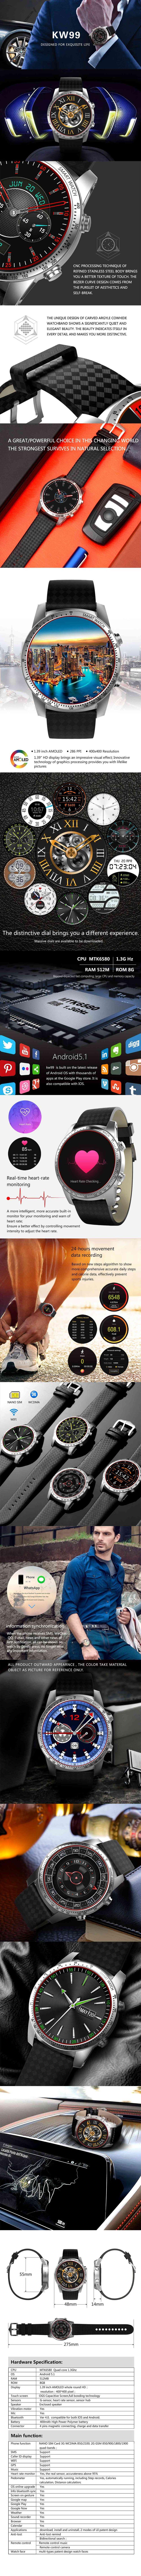 KINGWEAR KW99 1.39-inch 400mAh Android 5.1 3G Wifi Smart Watch